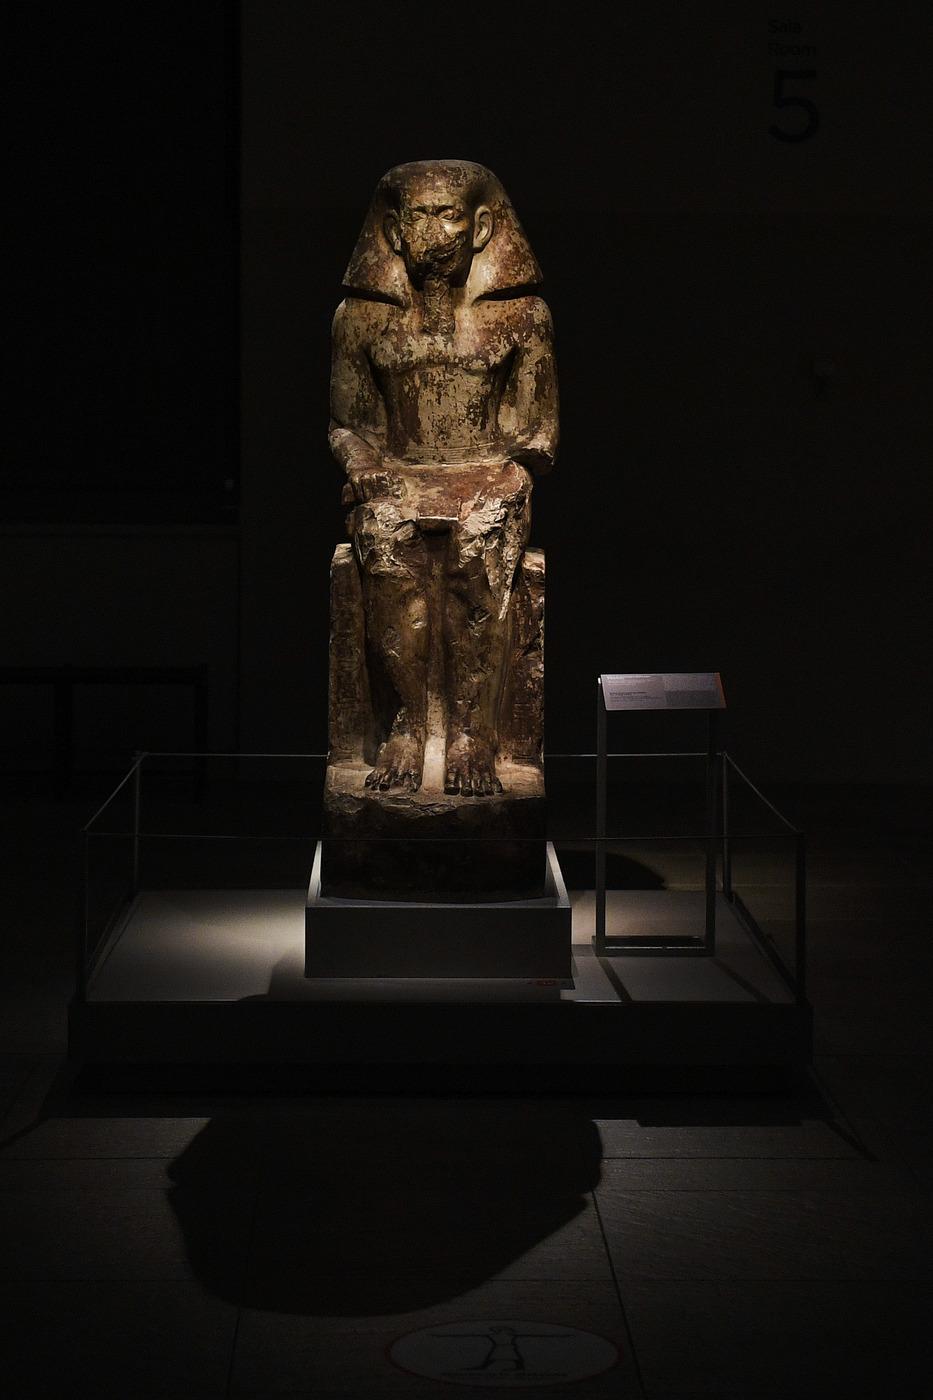 Torino, il Museo Egizio riapre al pubblico dopo la lunga chiusura per l'emergenza sanitaria